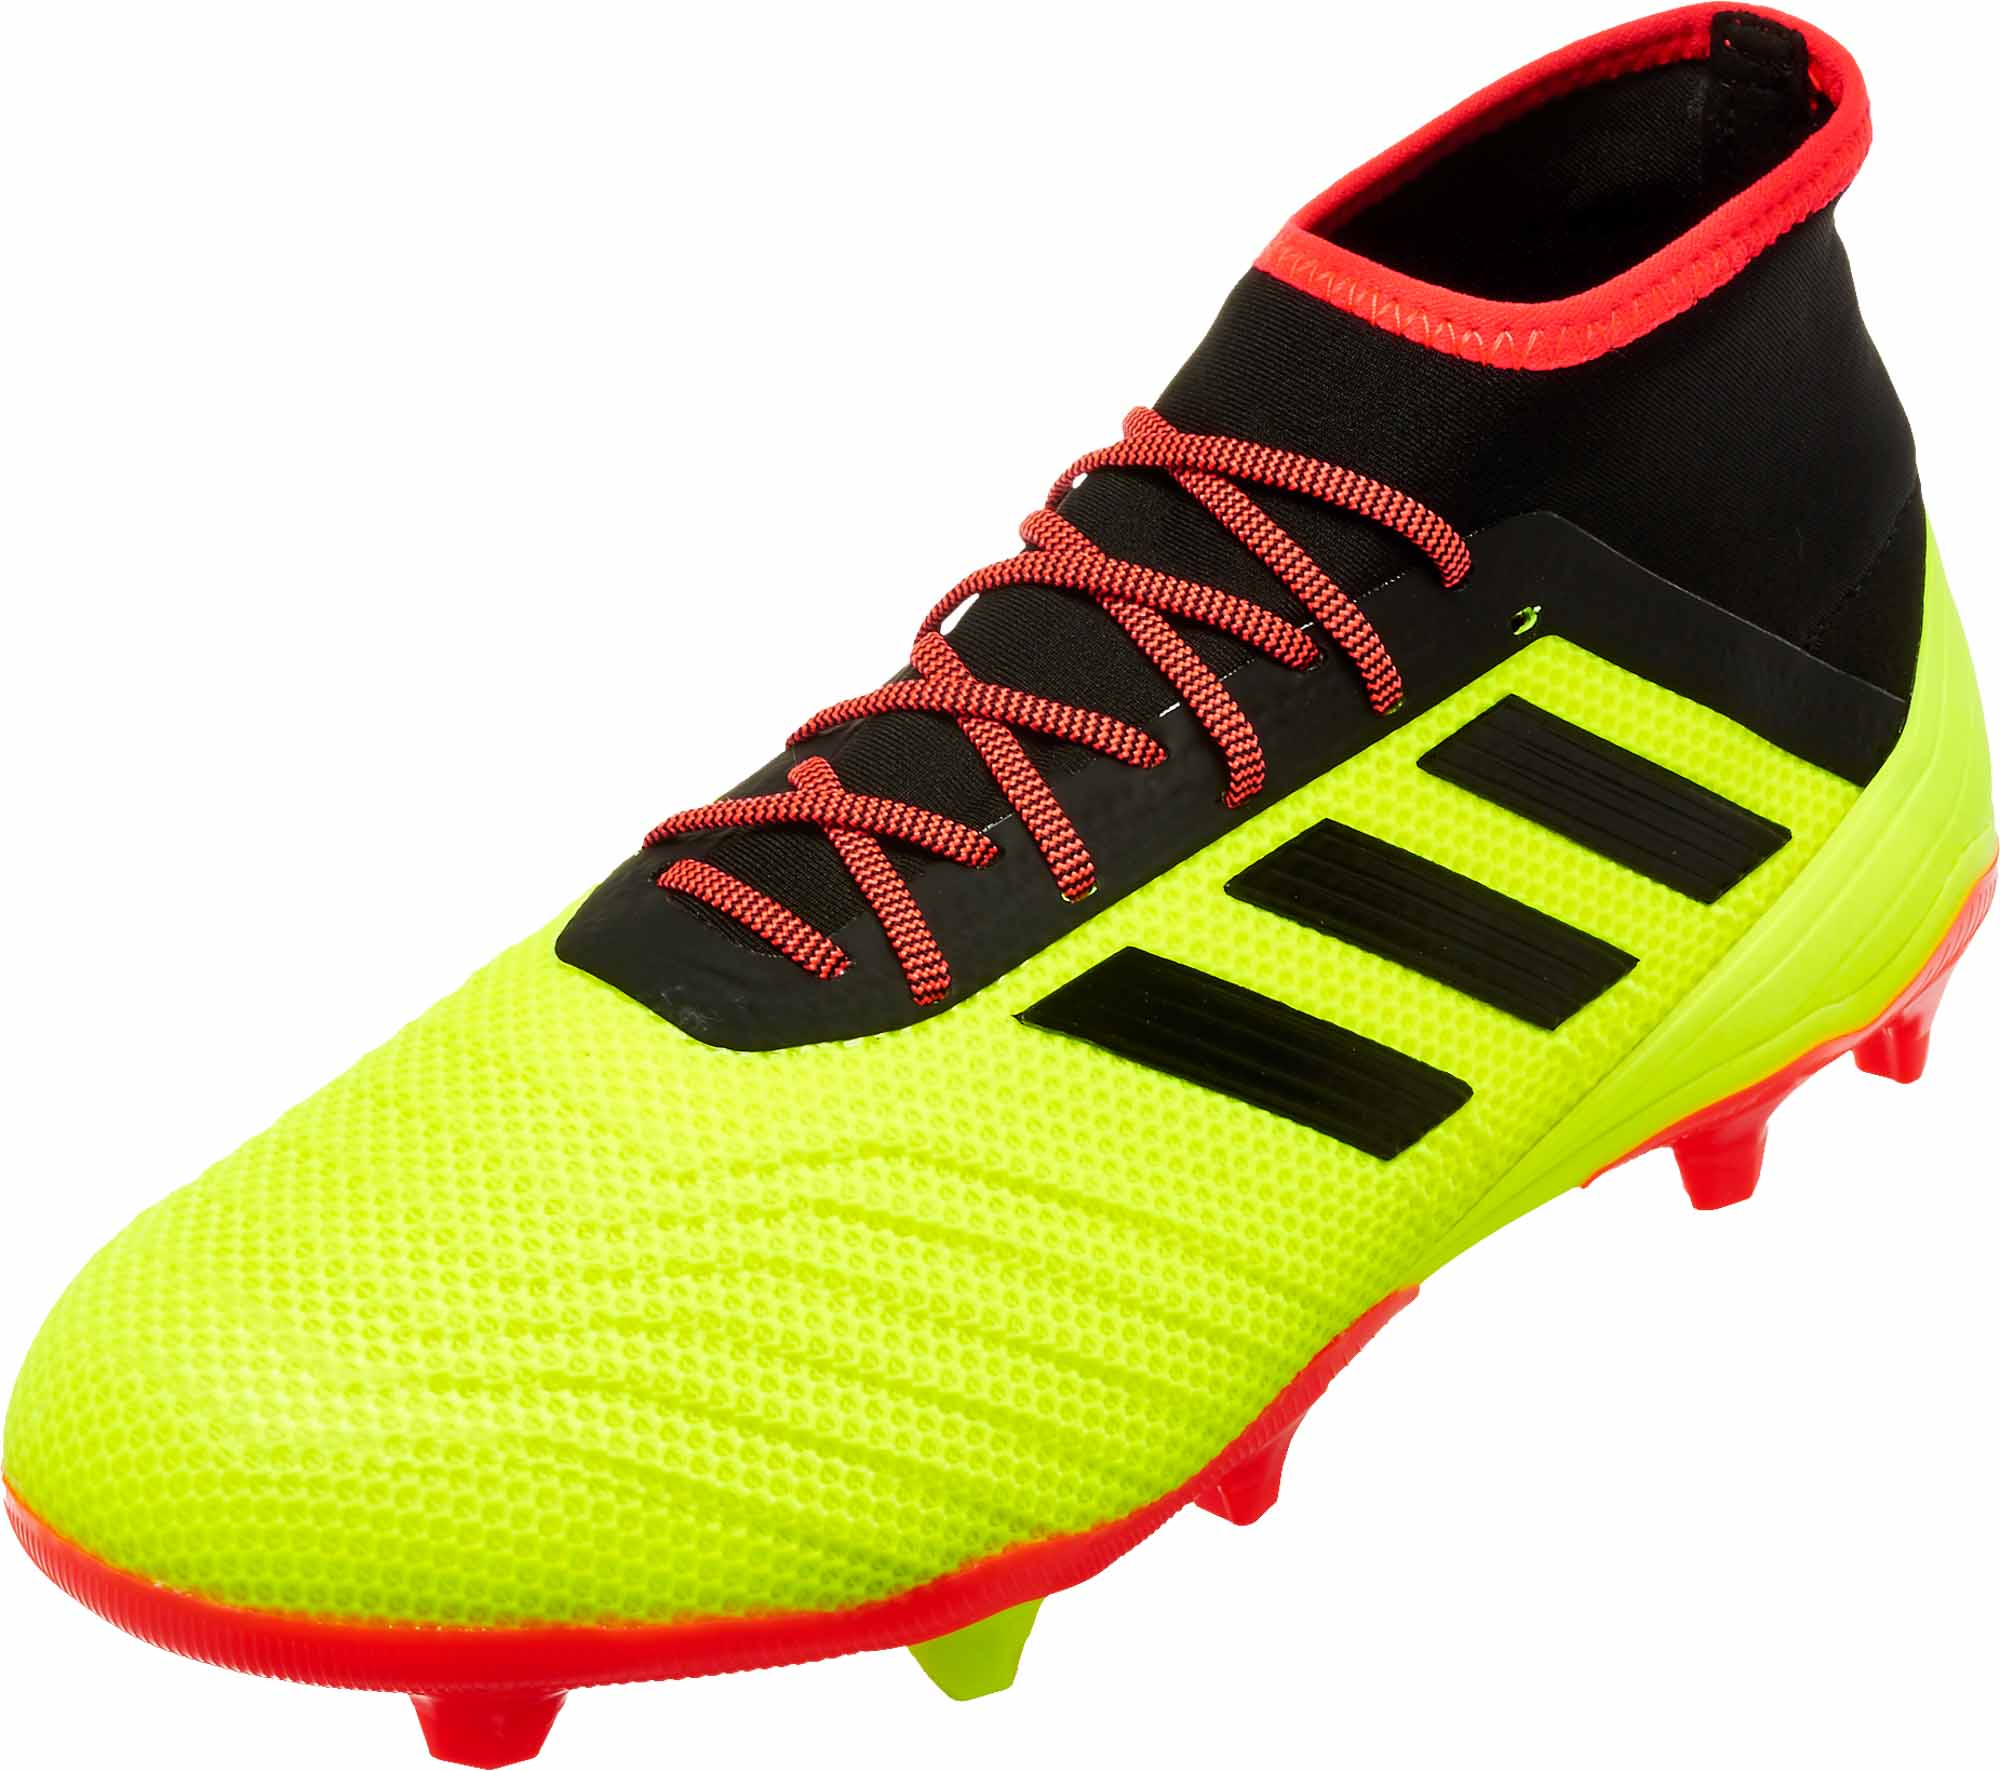 adidas Predator 18.2 FG – Solar YellowBlackSolar Red